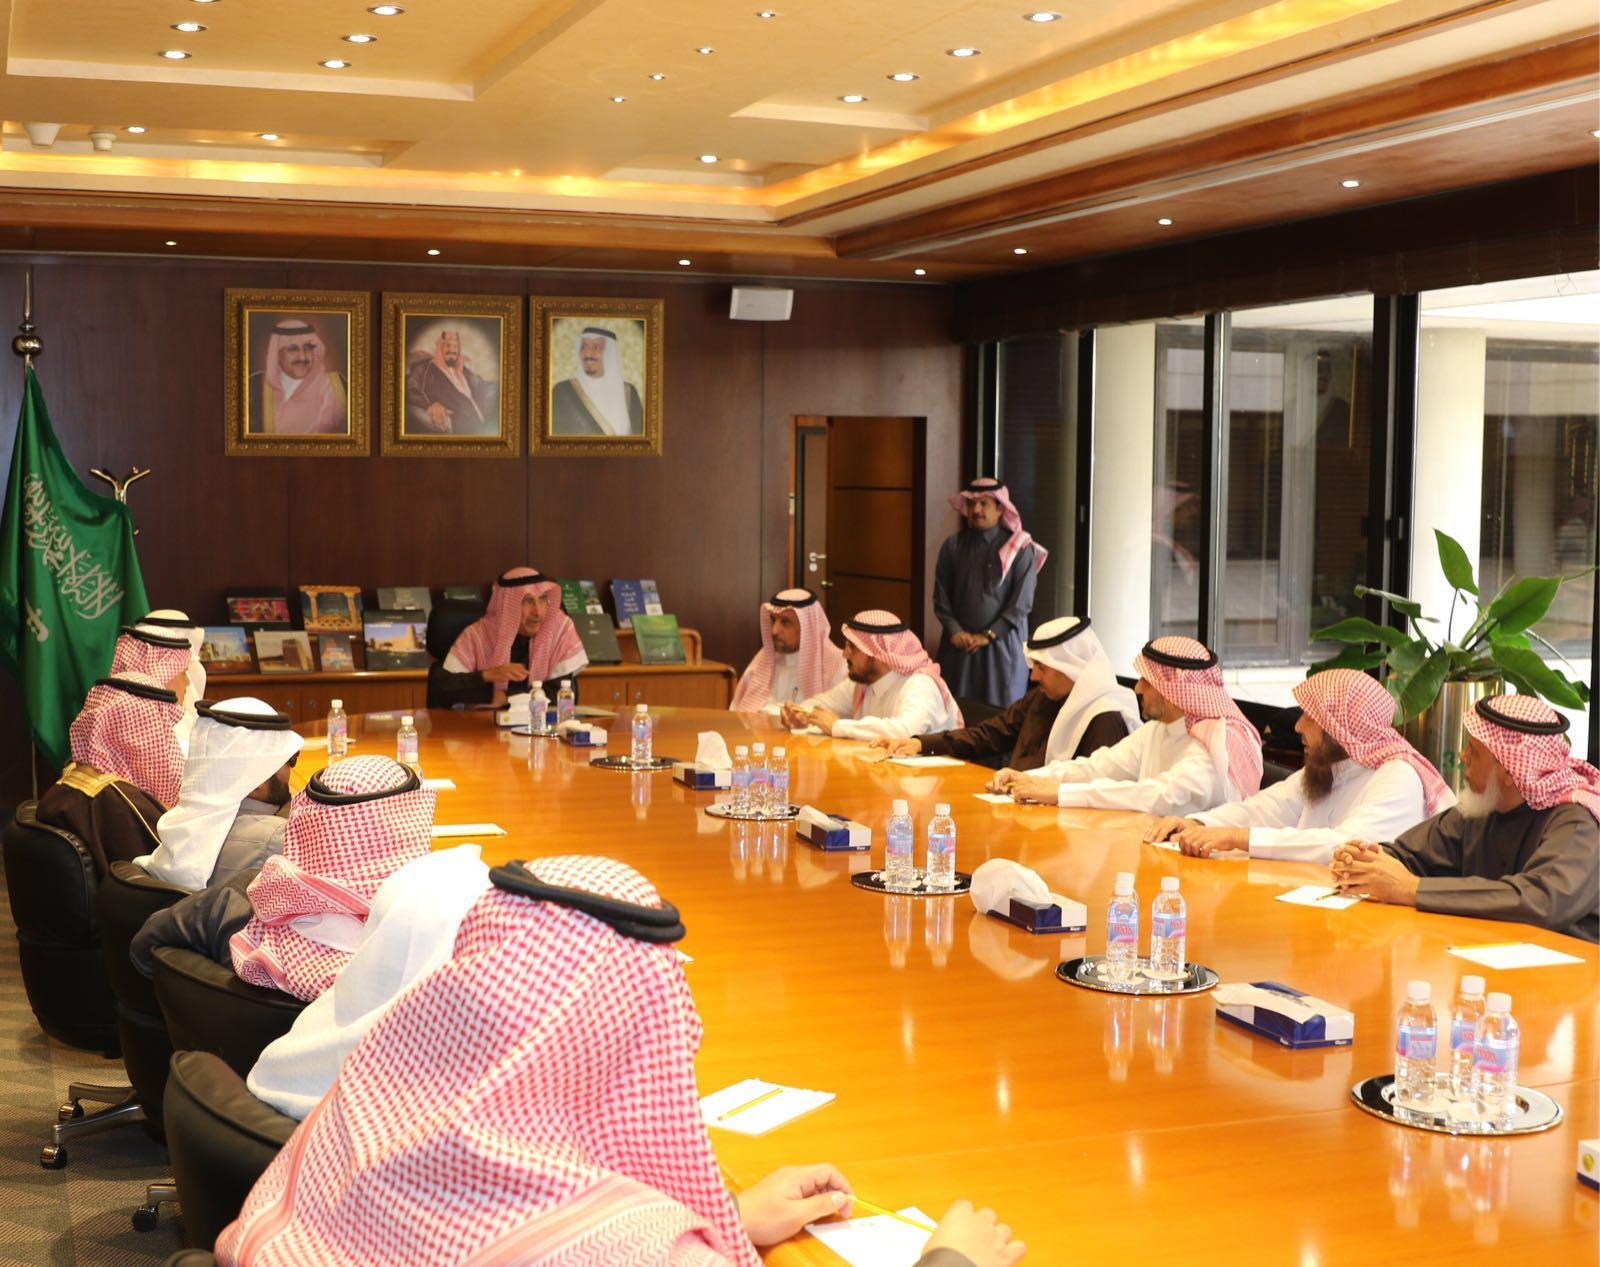 استقبل المهندس إبراهيم بن محمد السلطان، أمين منطقة الرياض، بمكتبه بالأمانة (1)